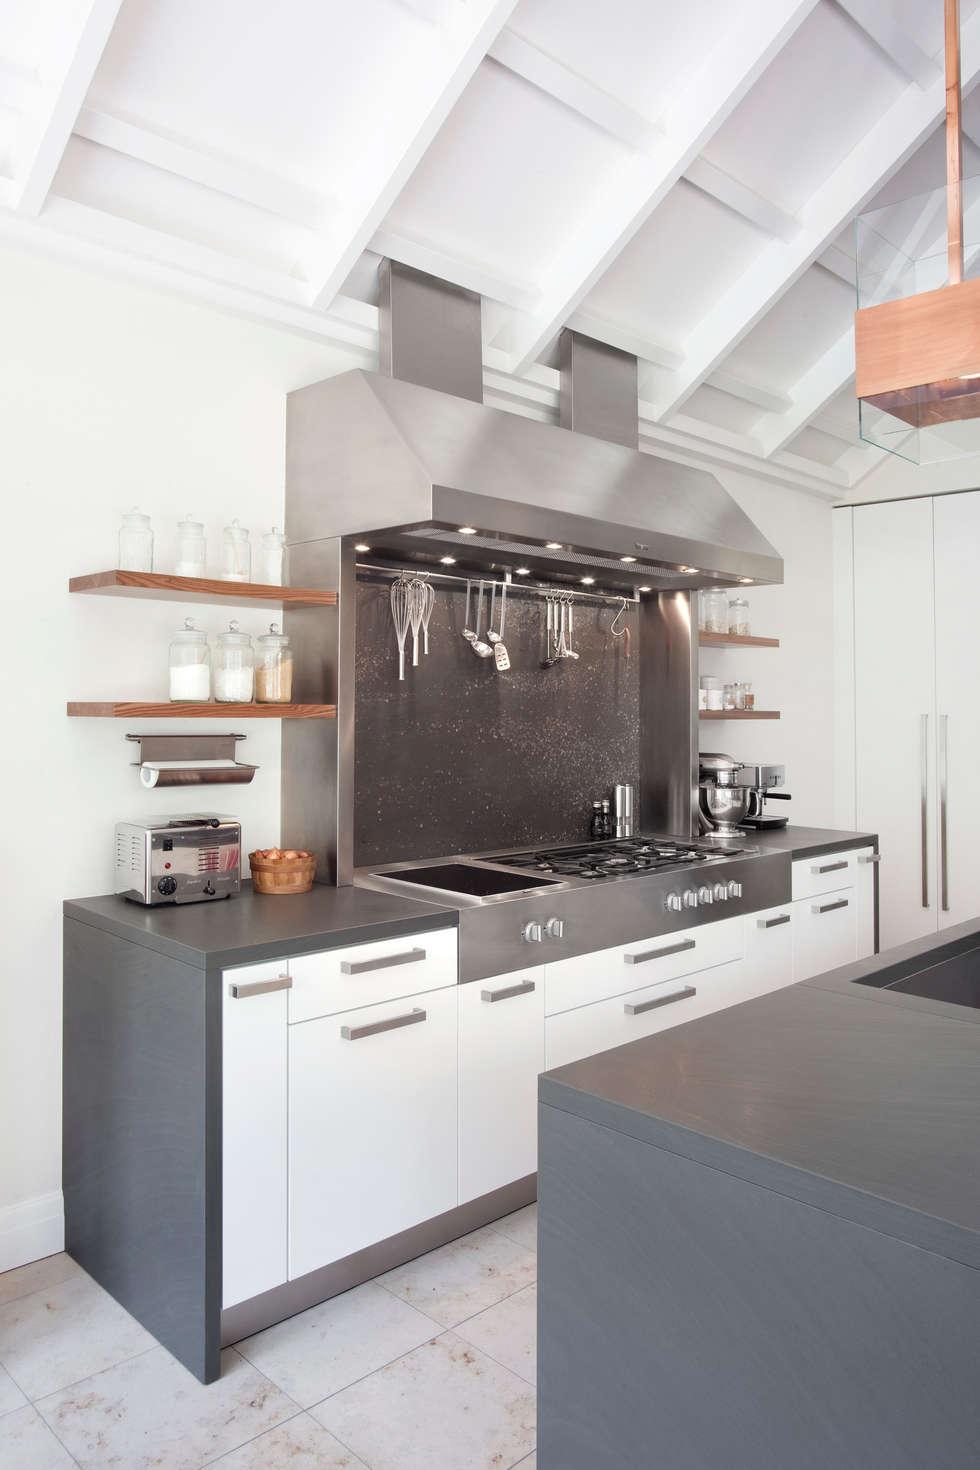 Wohnideen interior design einrichtungsideen bilder homify for Kuchenarbeitsplatte angebot